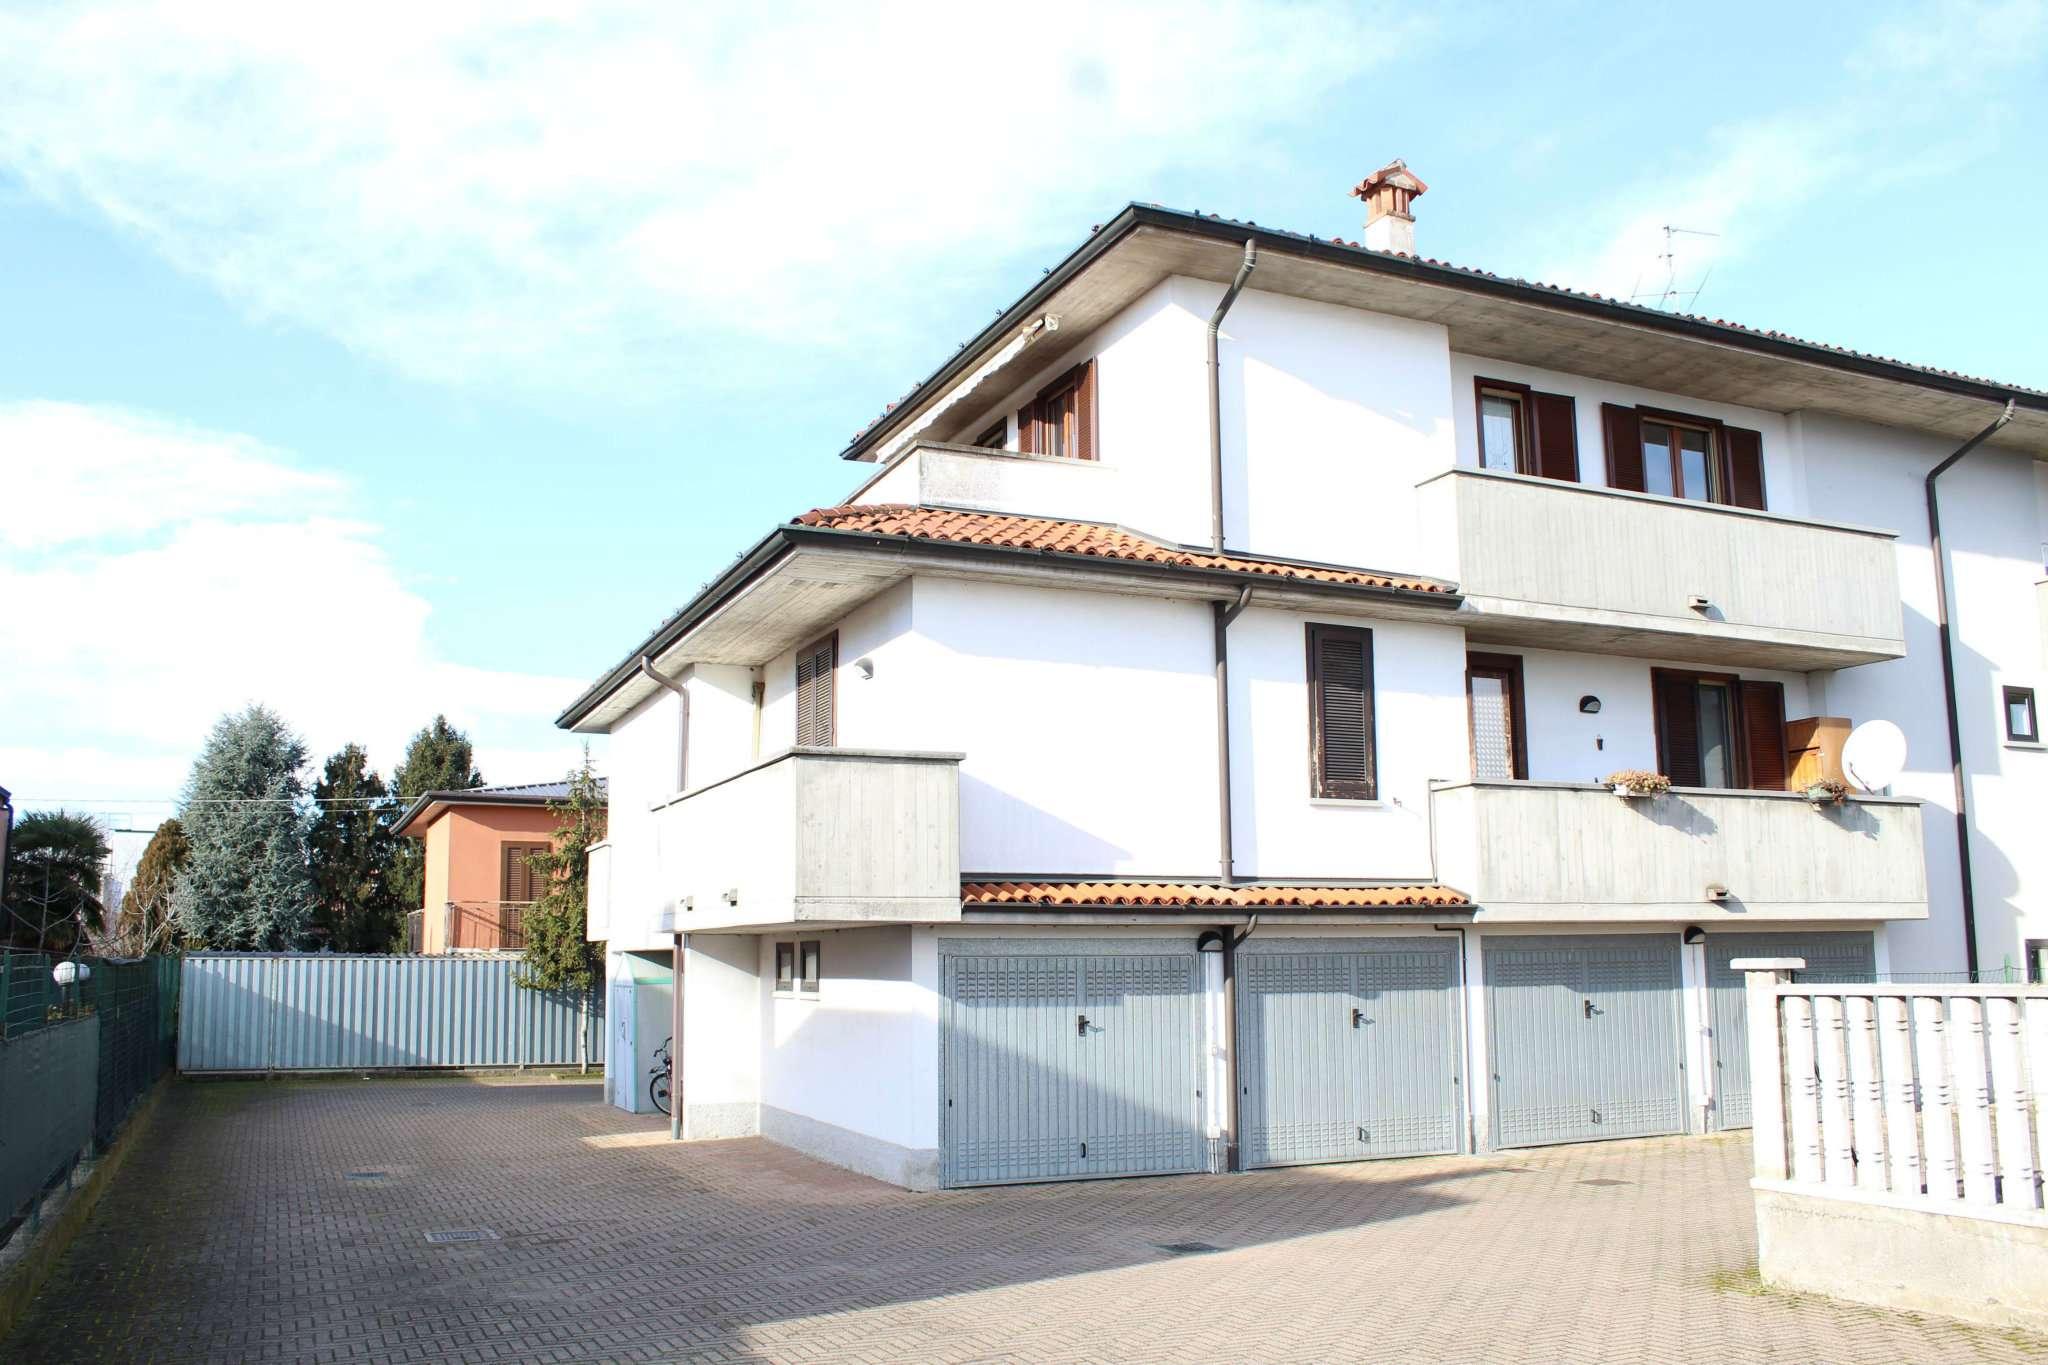 Attico / Mansarda in vendita a Misano di Gera d'Adda, 3 locali, prezzo € 97.000 | PortaleAgenzieImmobiliari.it